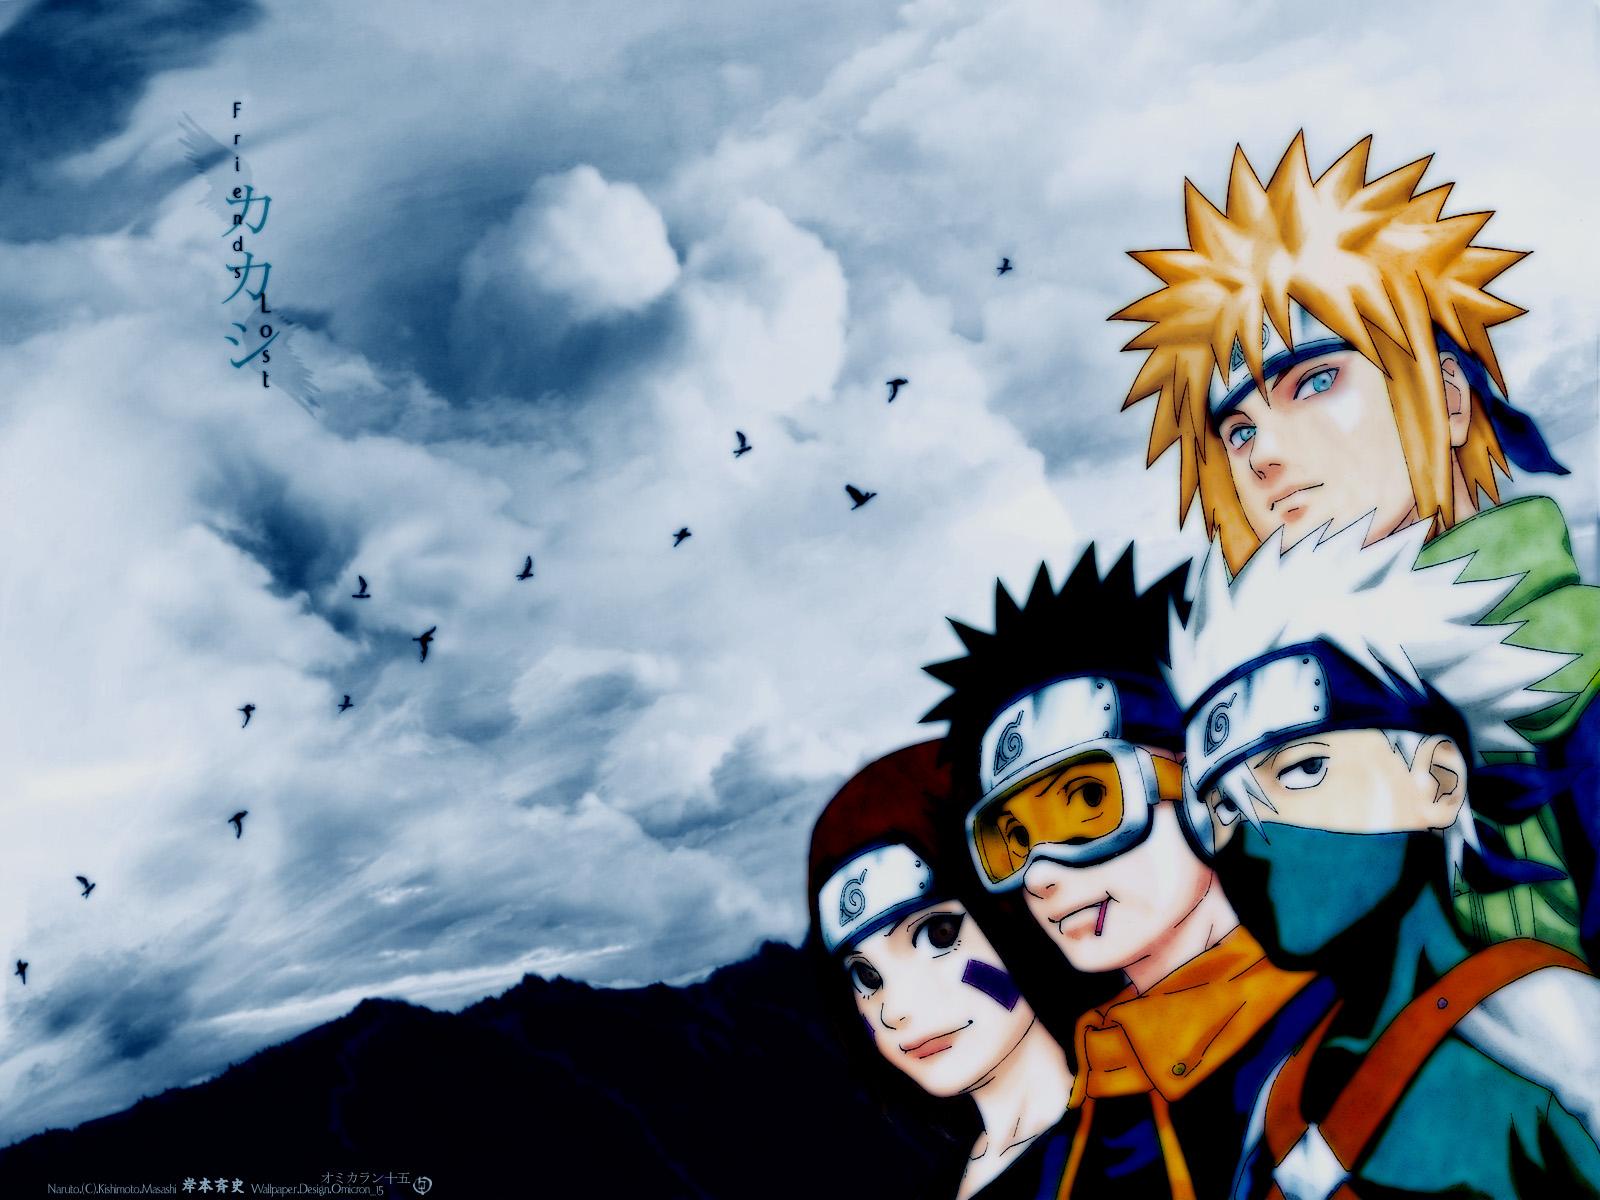 wallpapers hd anime naruto   Taringa 1600x1200